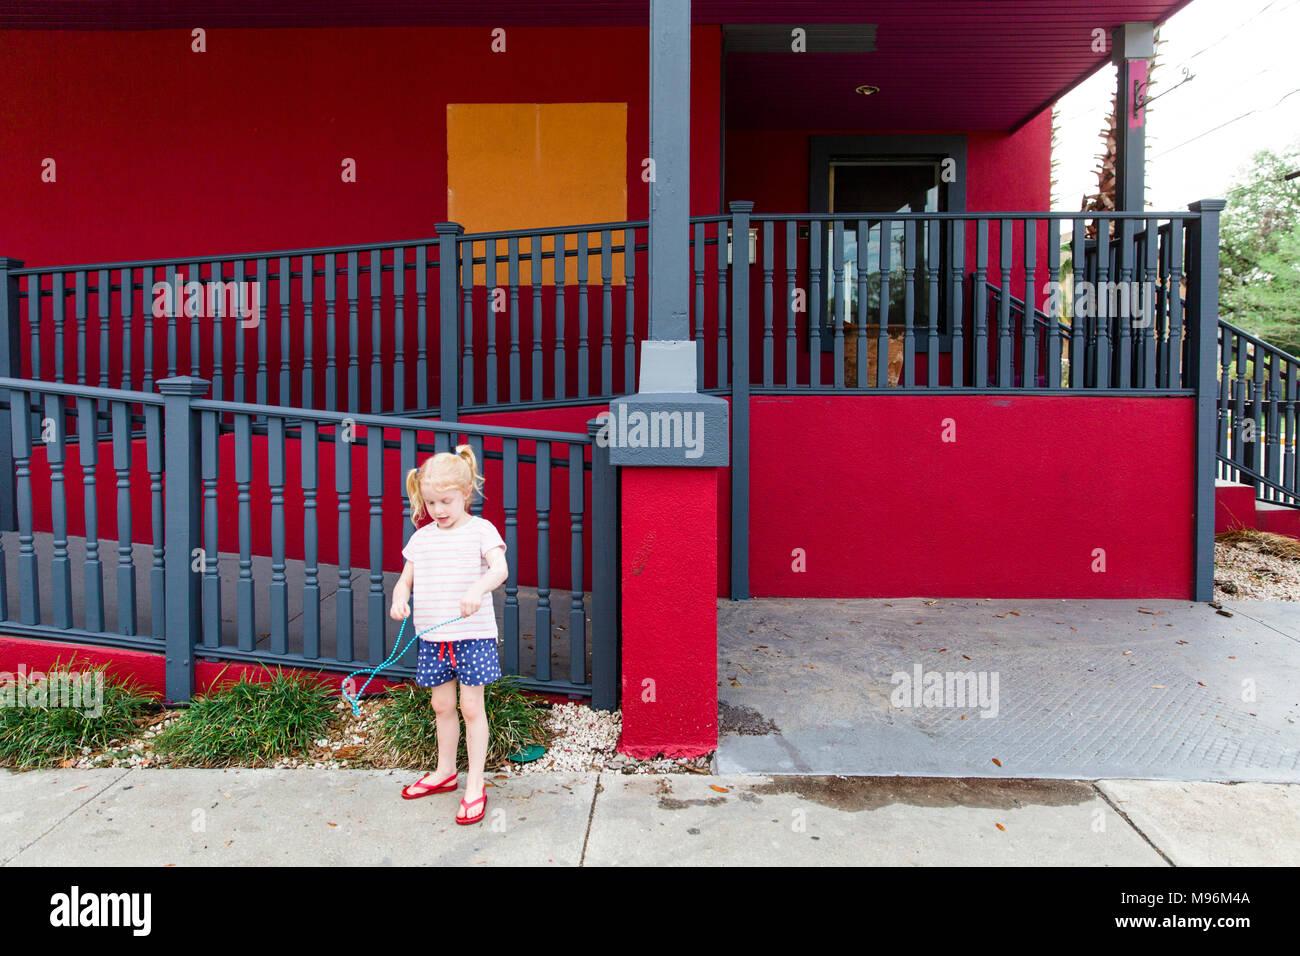 Jeune fille à l'extérieur du bâtiment rouge Photo Stock